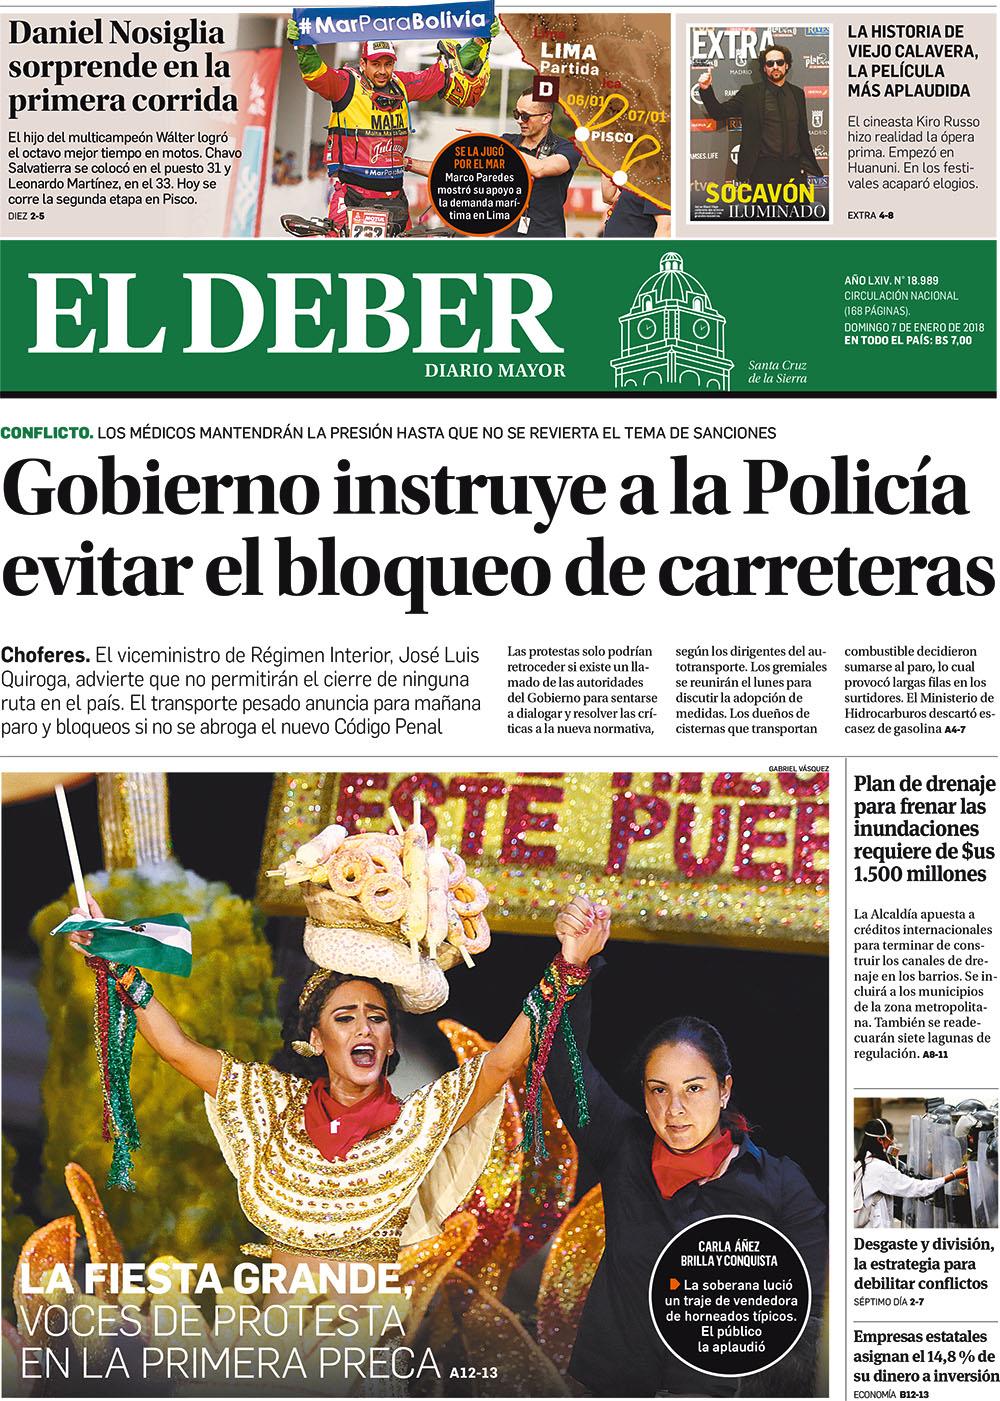 eldeber.com_.bo5a520847f015f.jpg